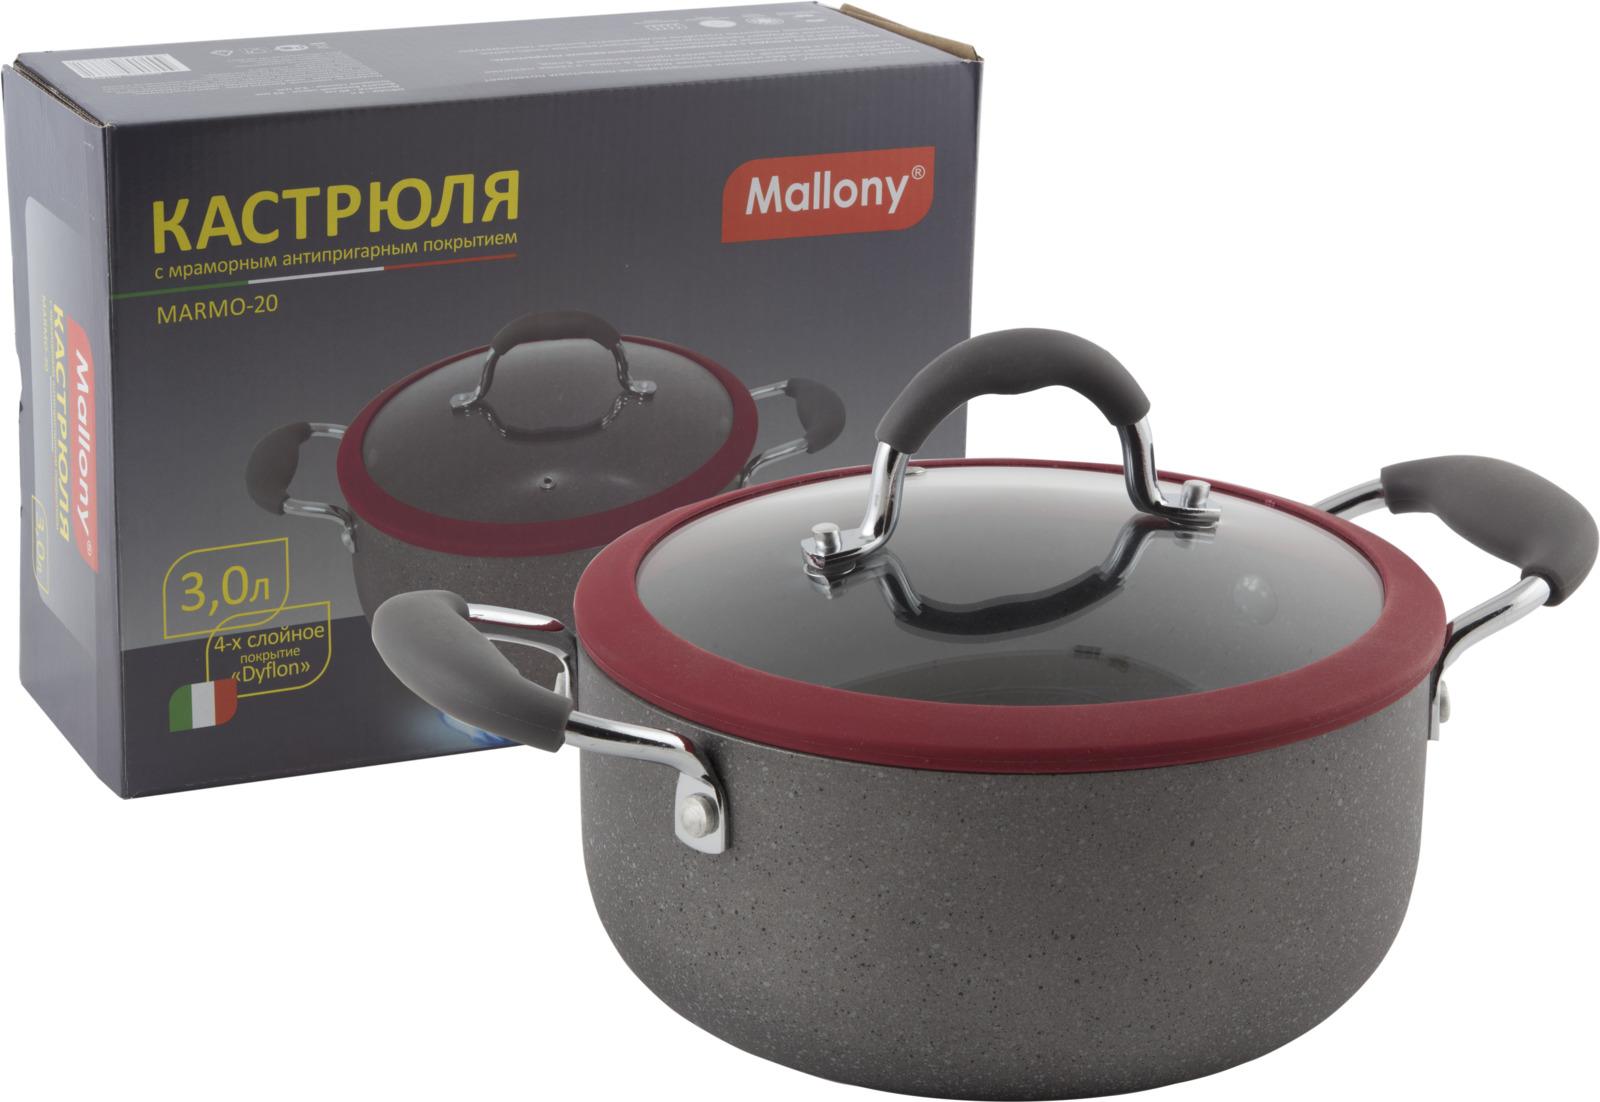 Кастрюля Mallony Marmo, с крышкой, 3 л соковарка mallony juicer 6л 3 чаши нерж сталь